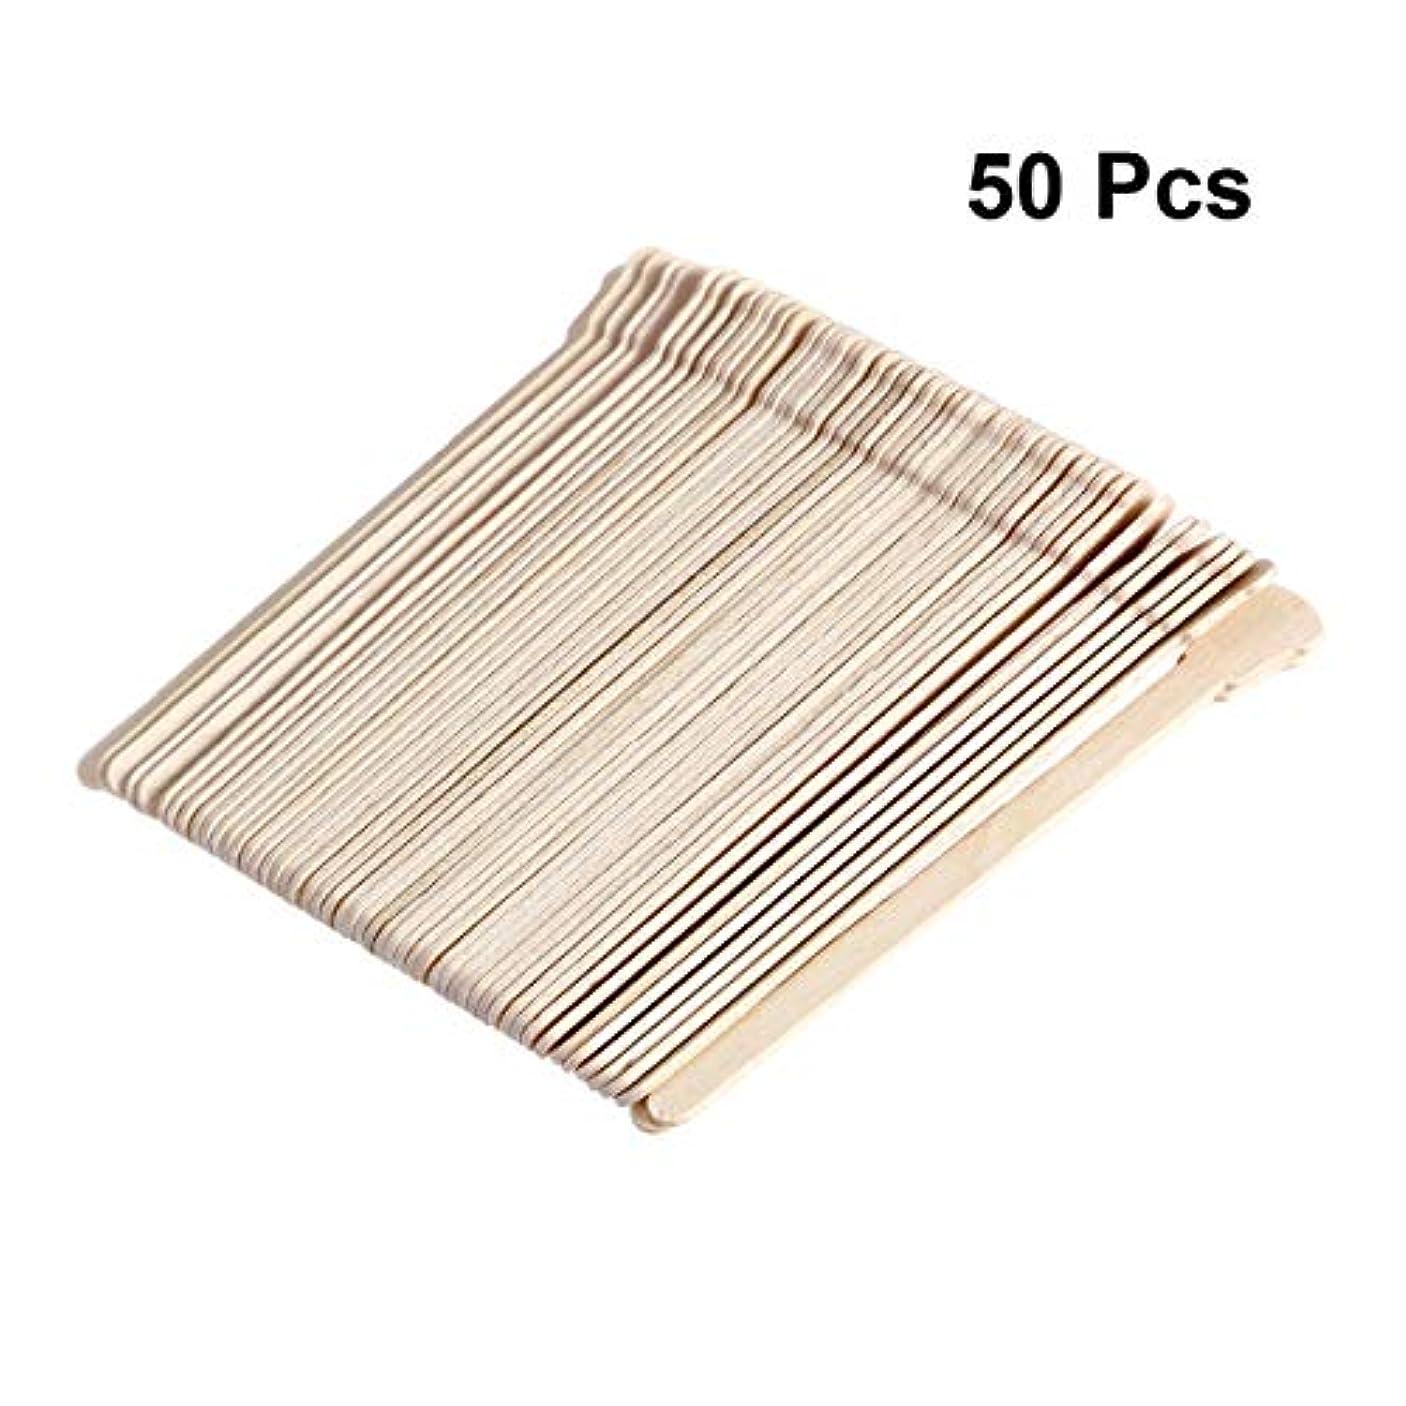 タイル電化する聖歌SUPVOX 50本木製ワックススティックフェイス眉毛ワックスへら脱毛用(オリジナル木製カラー)